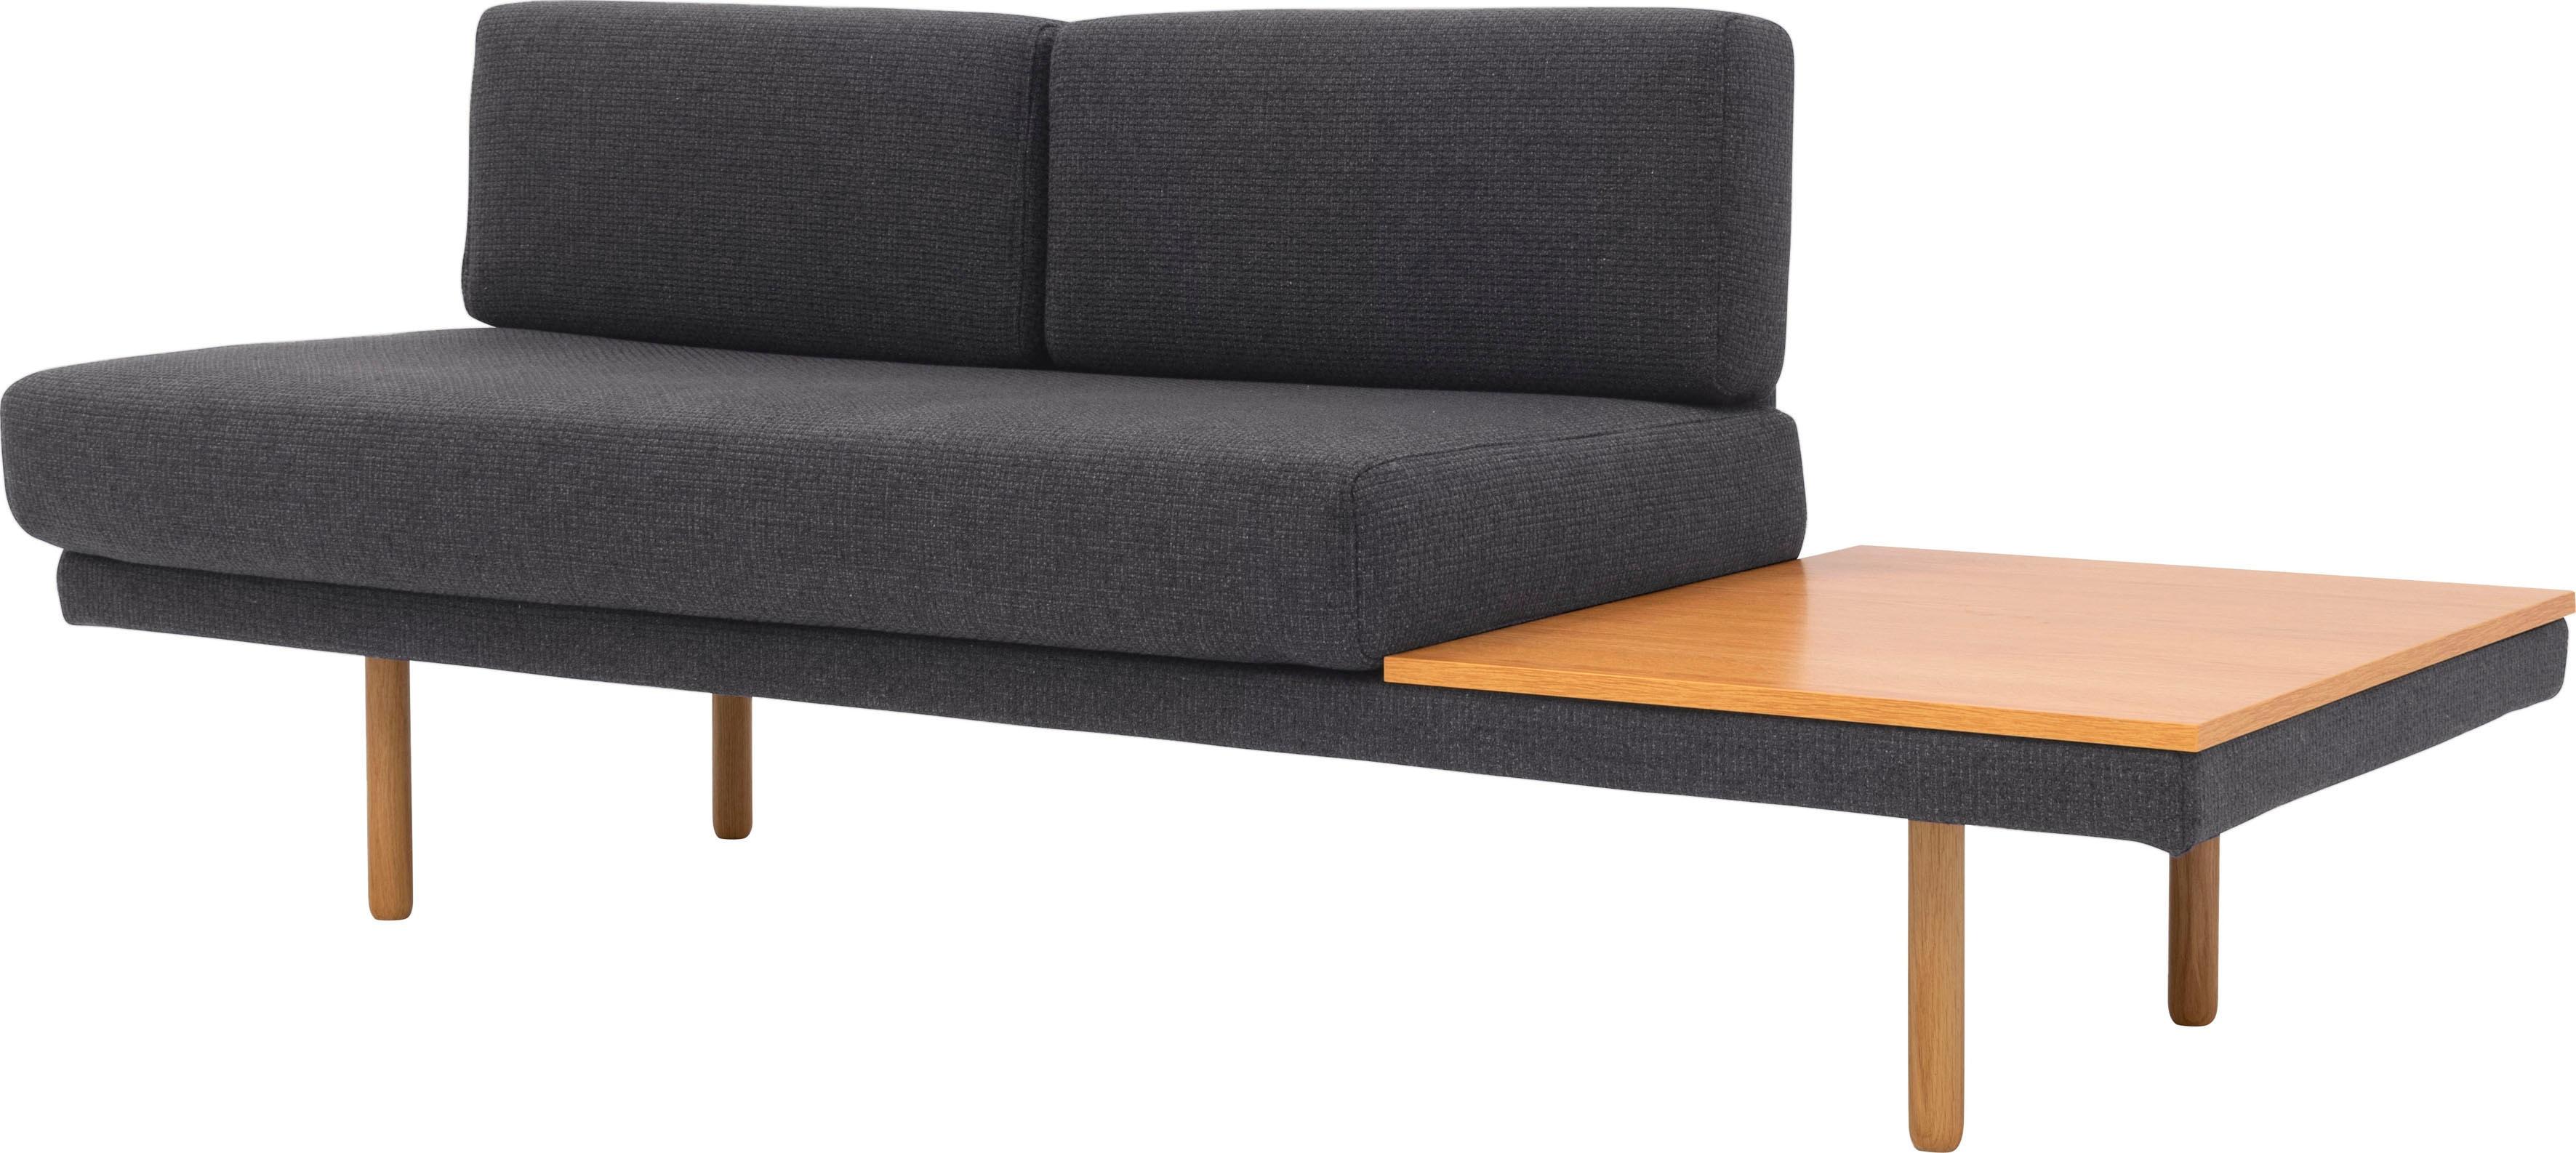 Image of 170QM Sofa »Pausenzeit«, Modernes Daybed, Ablage und Rücken rechts oder links montierbar